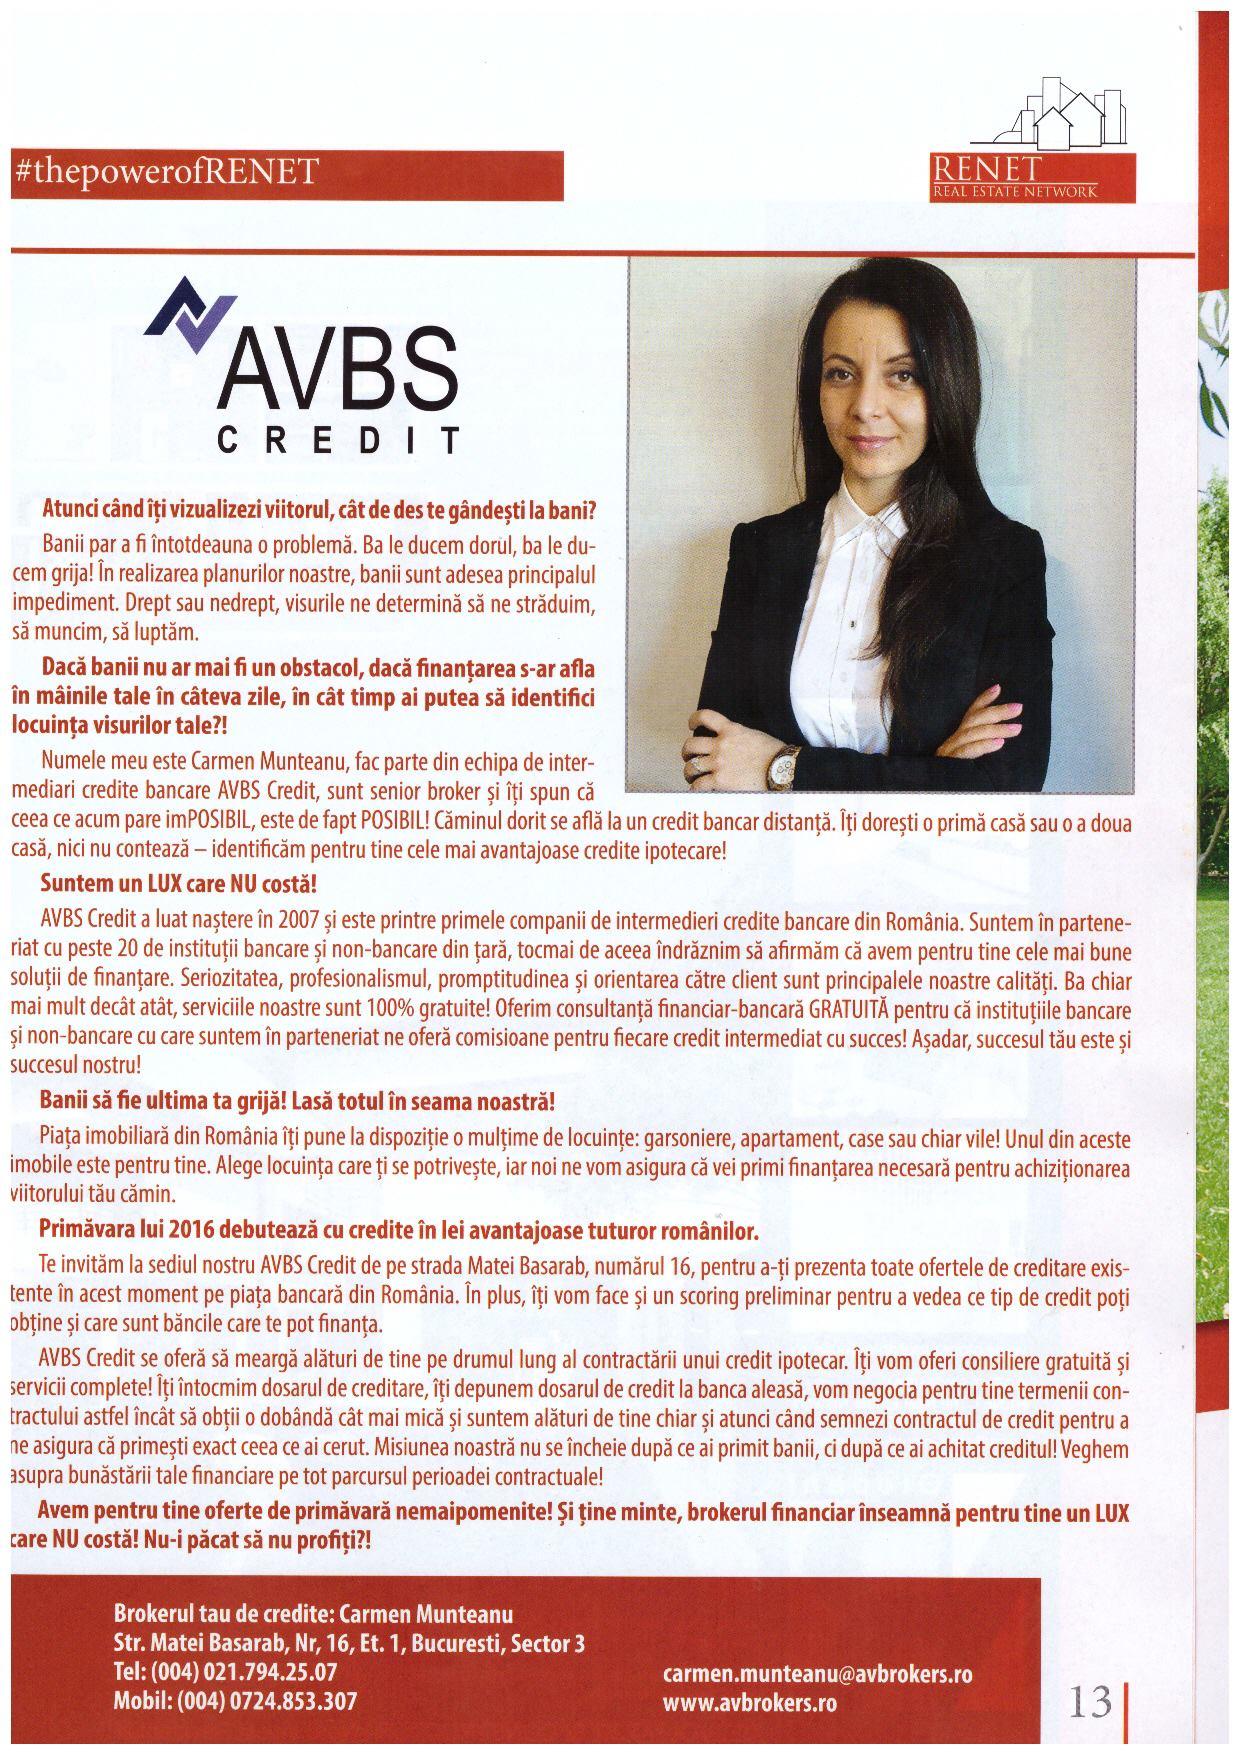 articol-avbs-credit